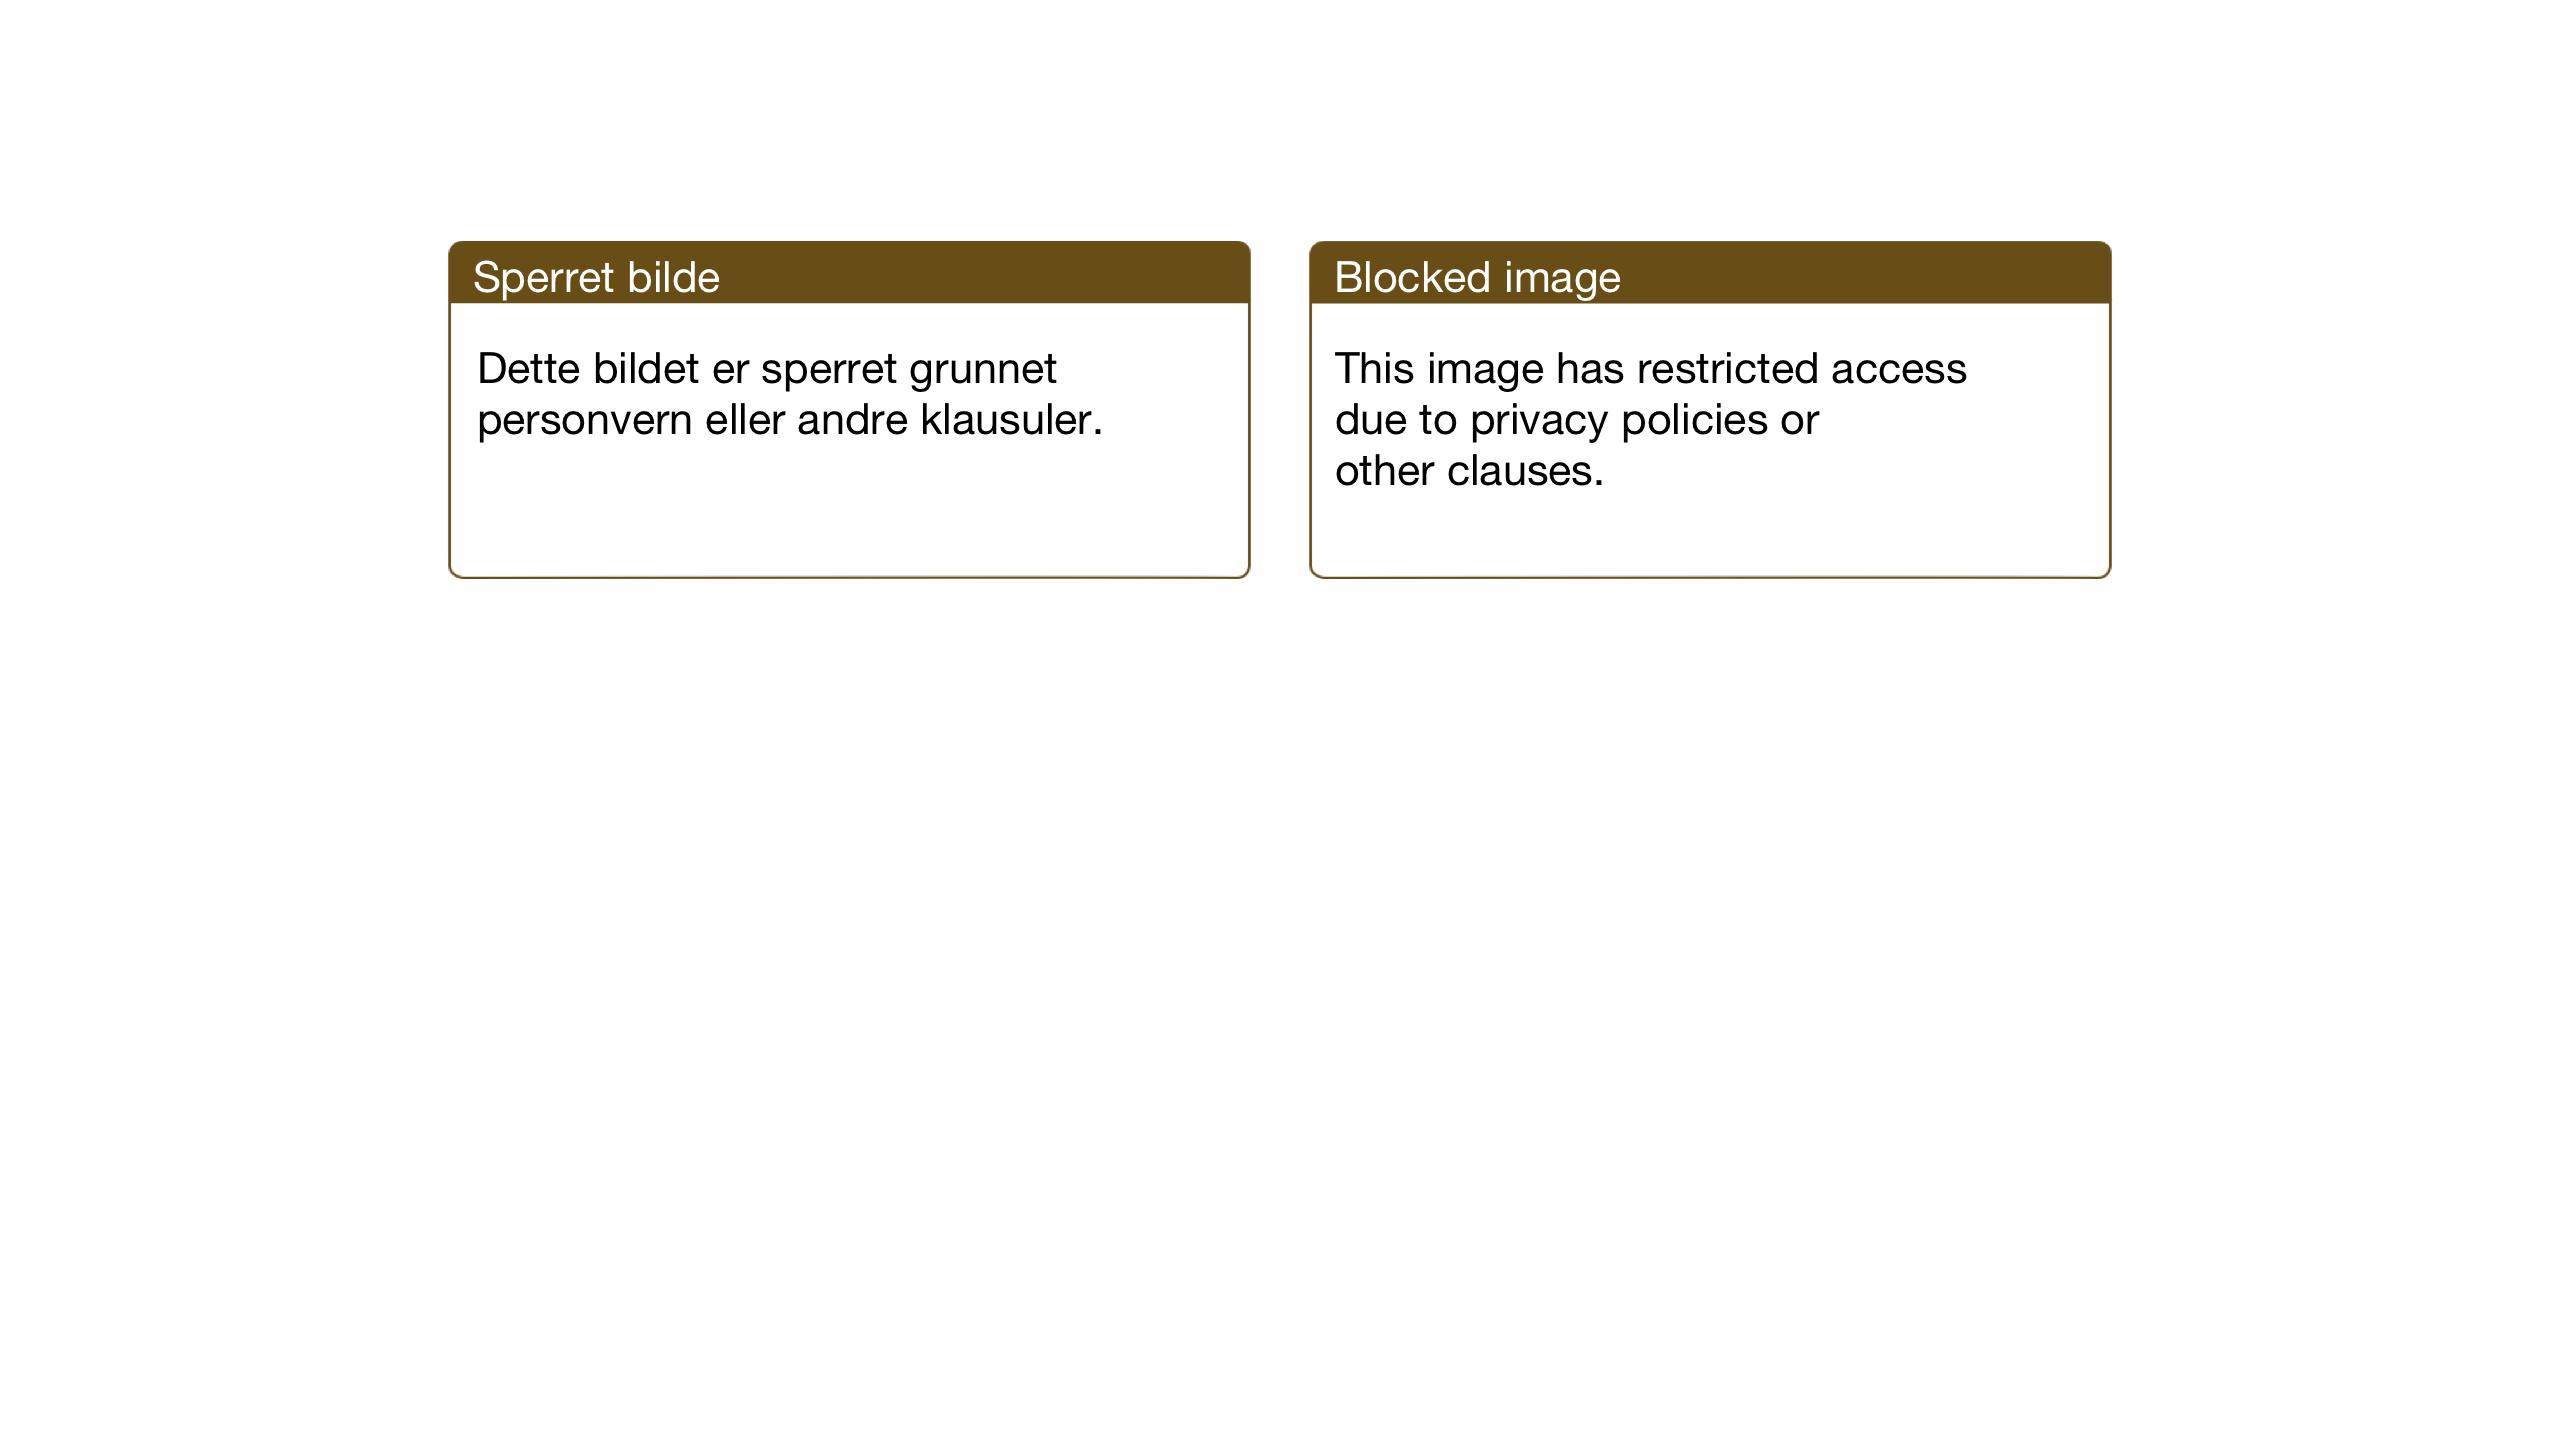 SAT, Ministerialprotokoller, klokkerbøker og fødselsregistre - Nord-Trøndelag, 701/L0019: Klokkerbok nr. 701C03, 1930-1953, s. 58